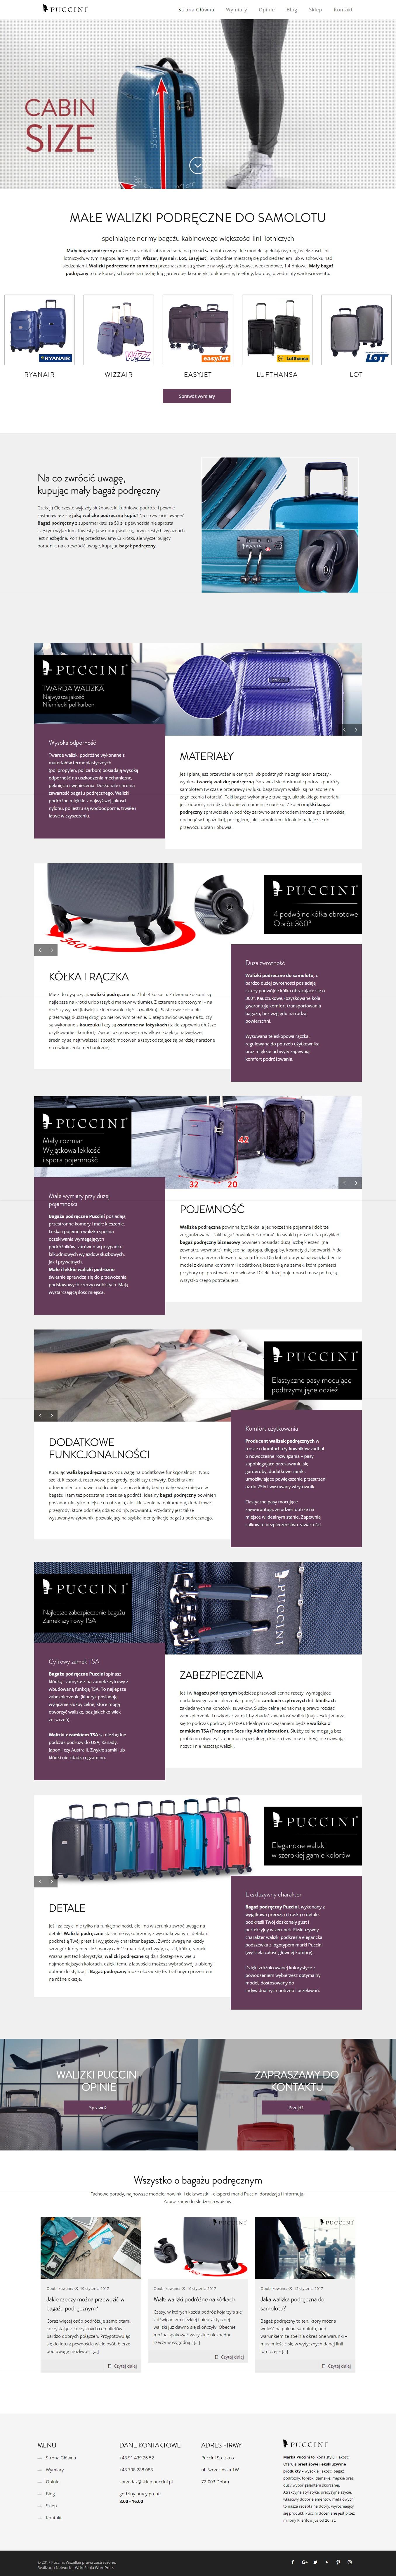 Strona główna serwisu produktowego z walizkami podręcznymi Puccini